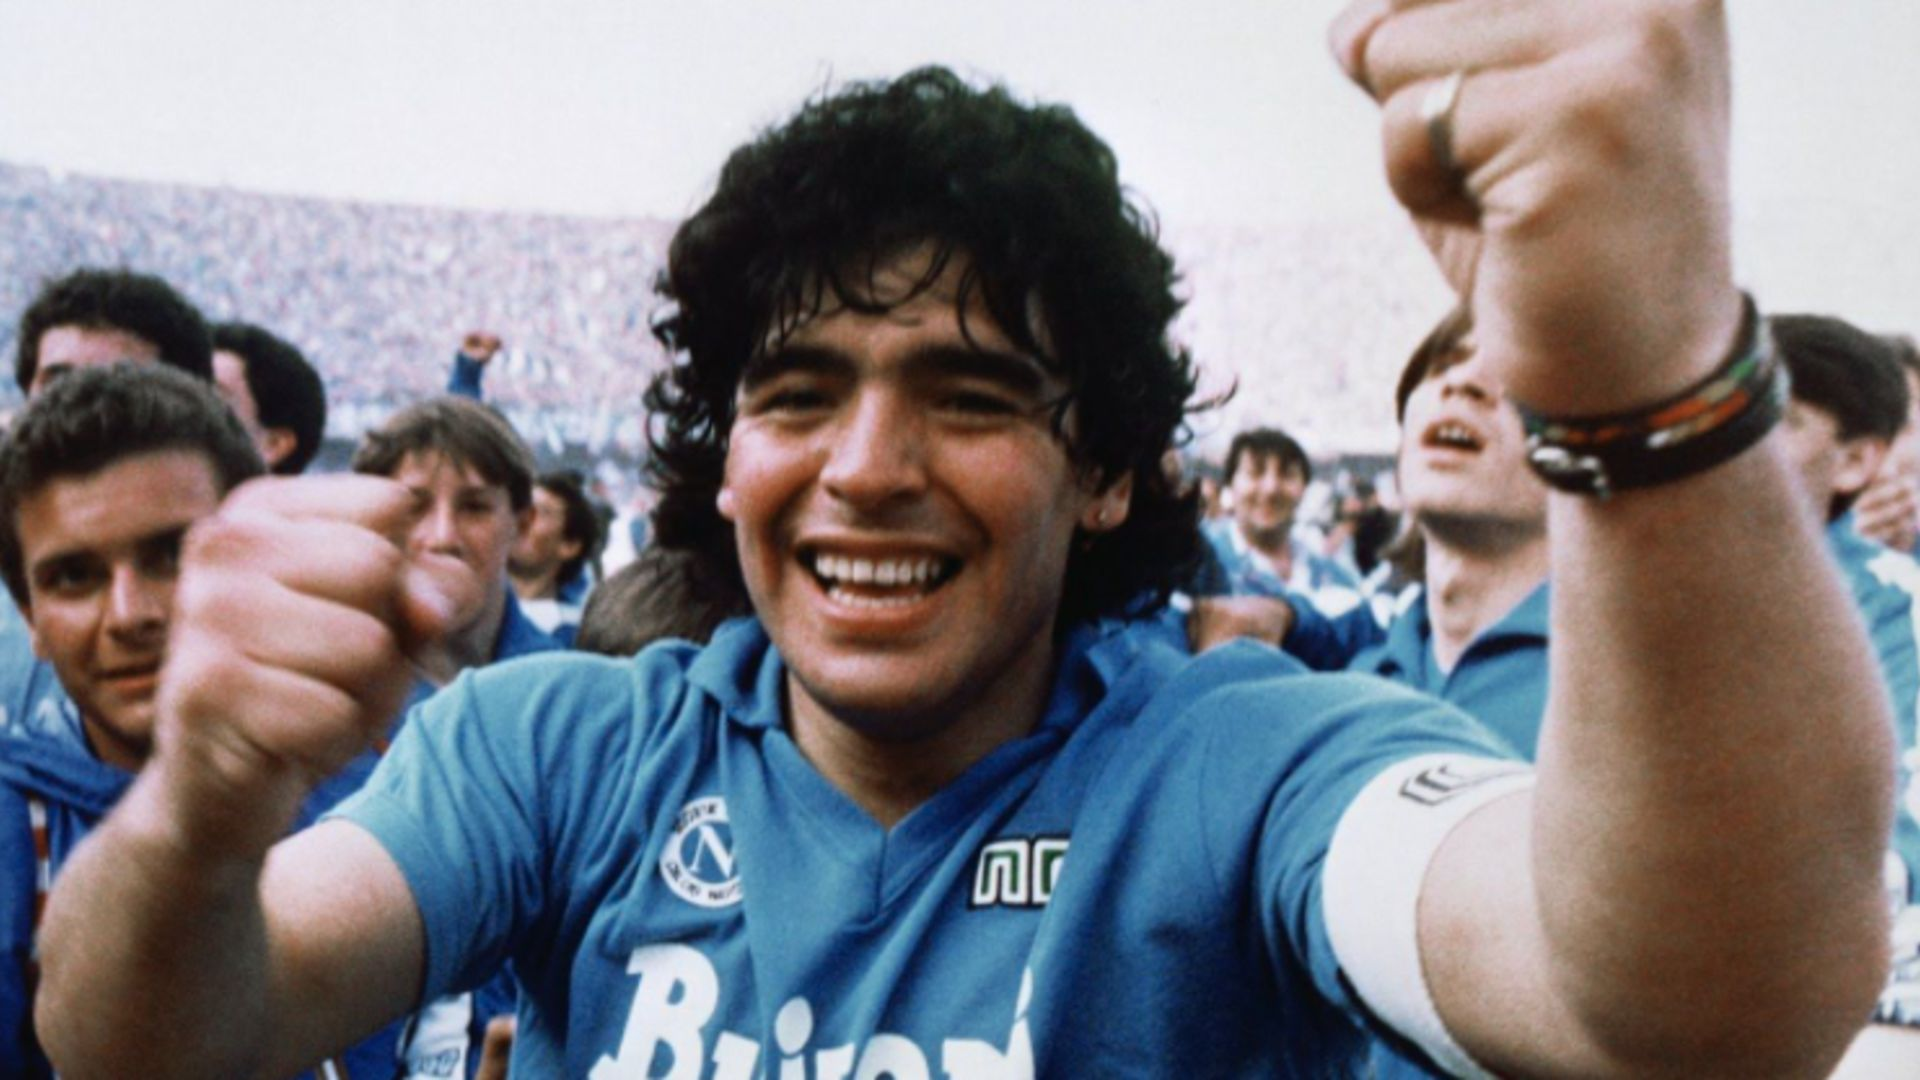 Bioscopen gaan documentaire 'Diego Maradona' opnieuw vertonen